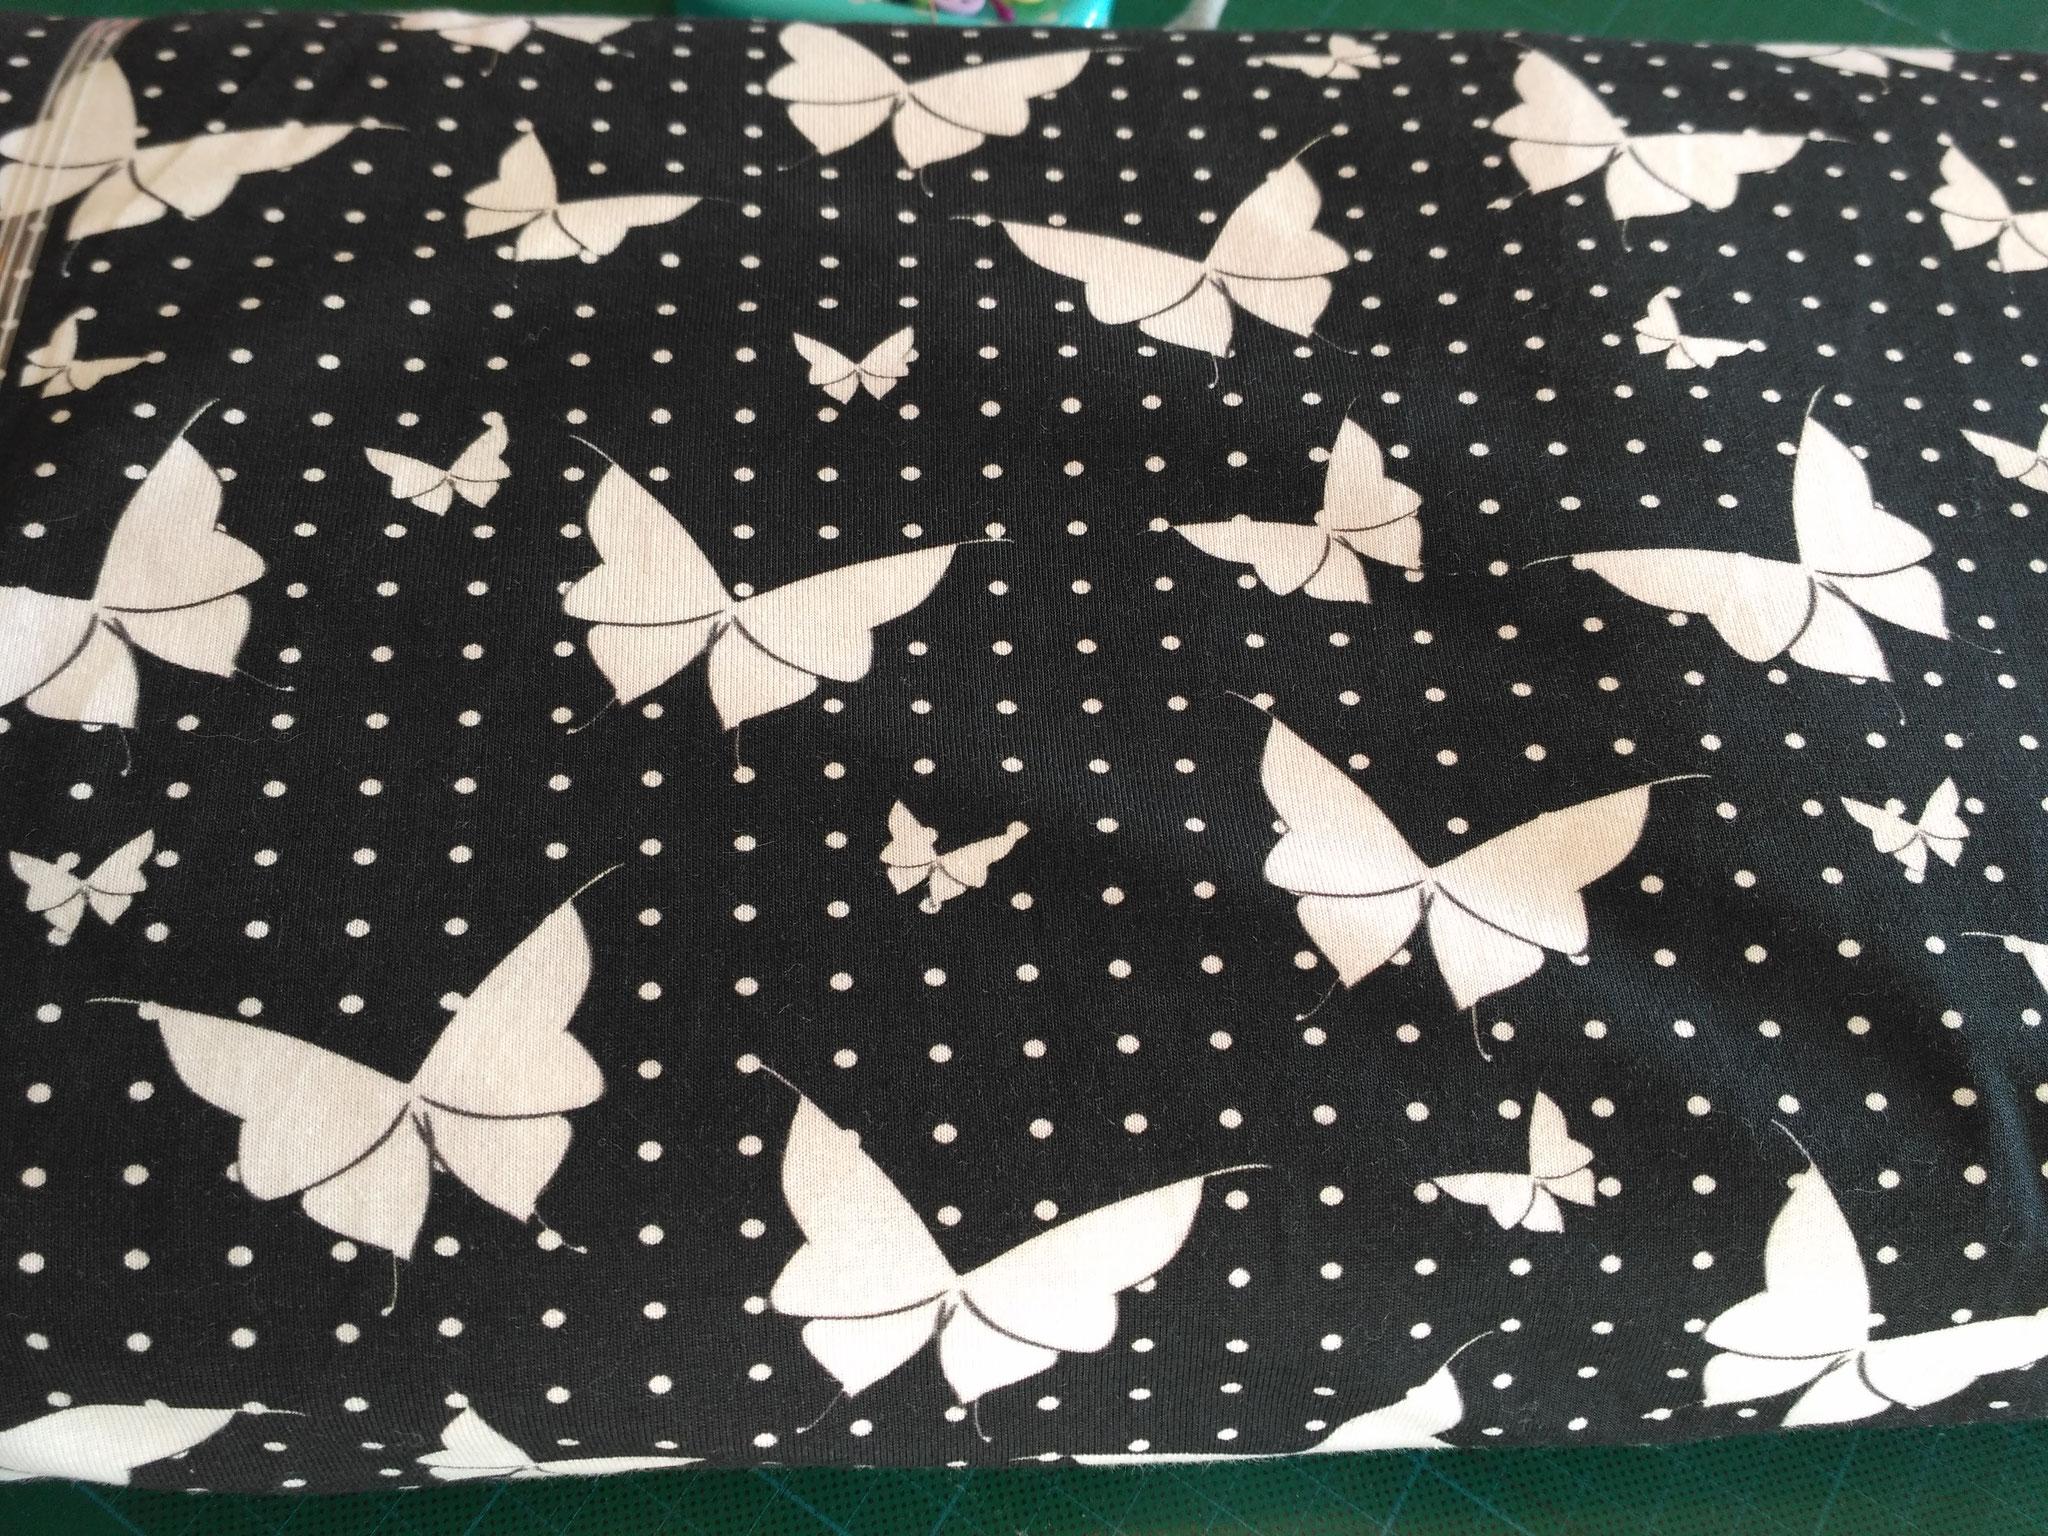 wunderschöne Schmetterlinge schwarz-weiß